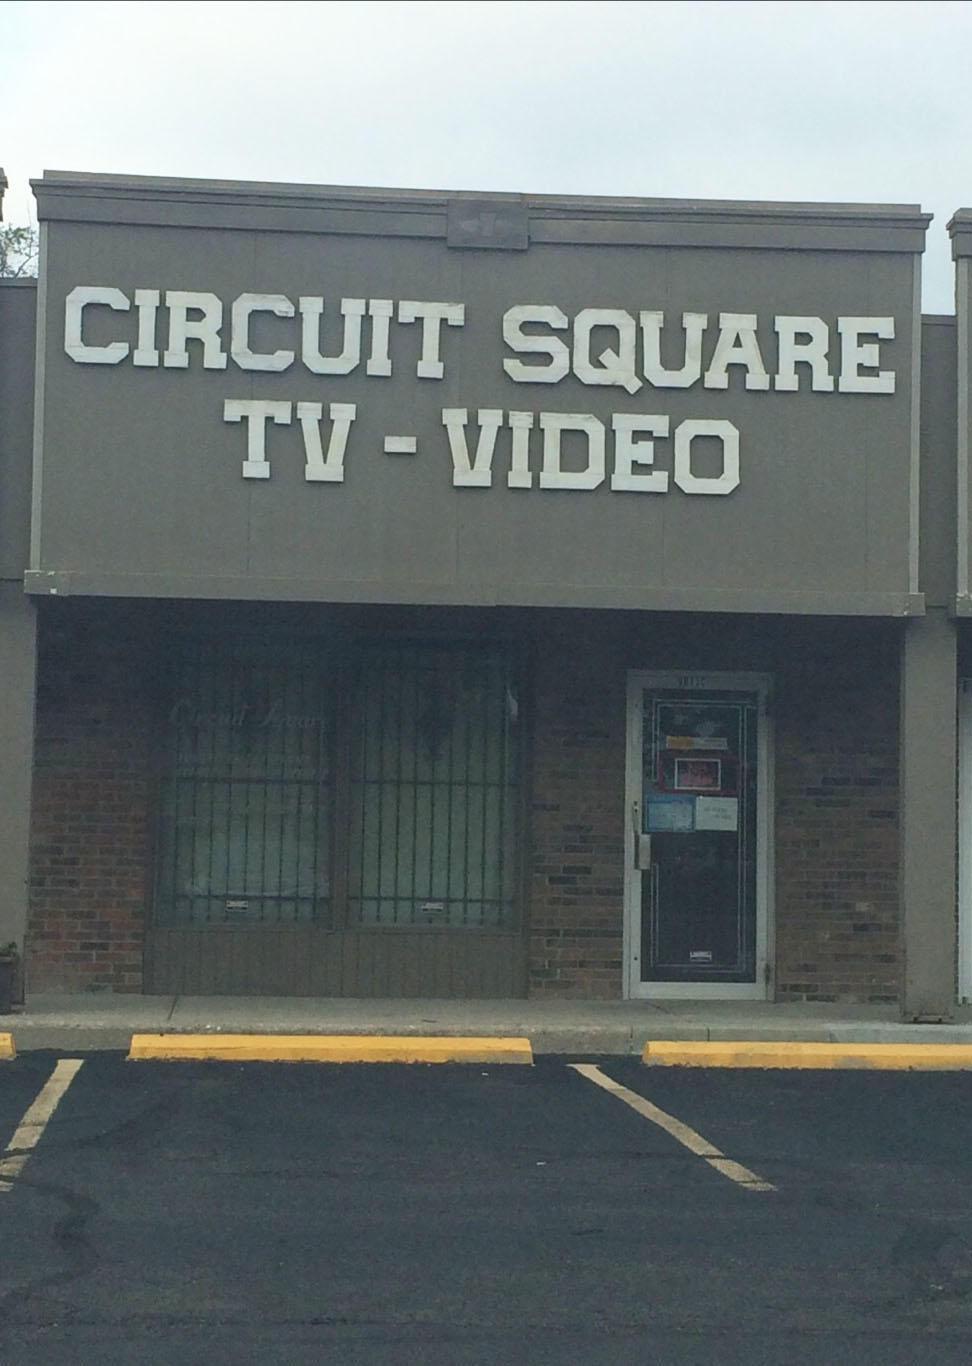 Circuit Square TV image 1